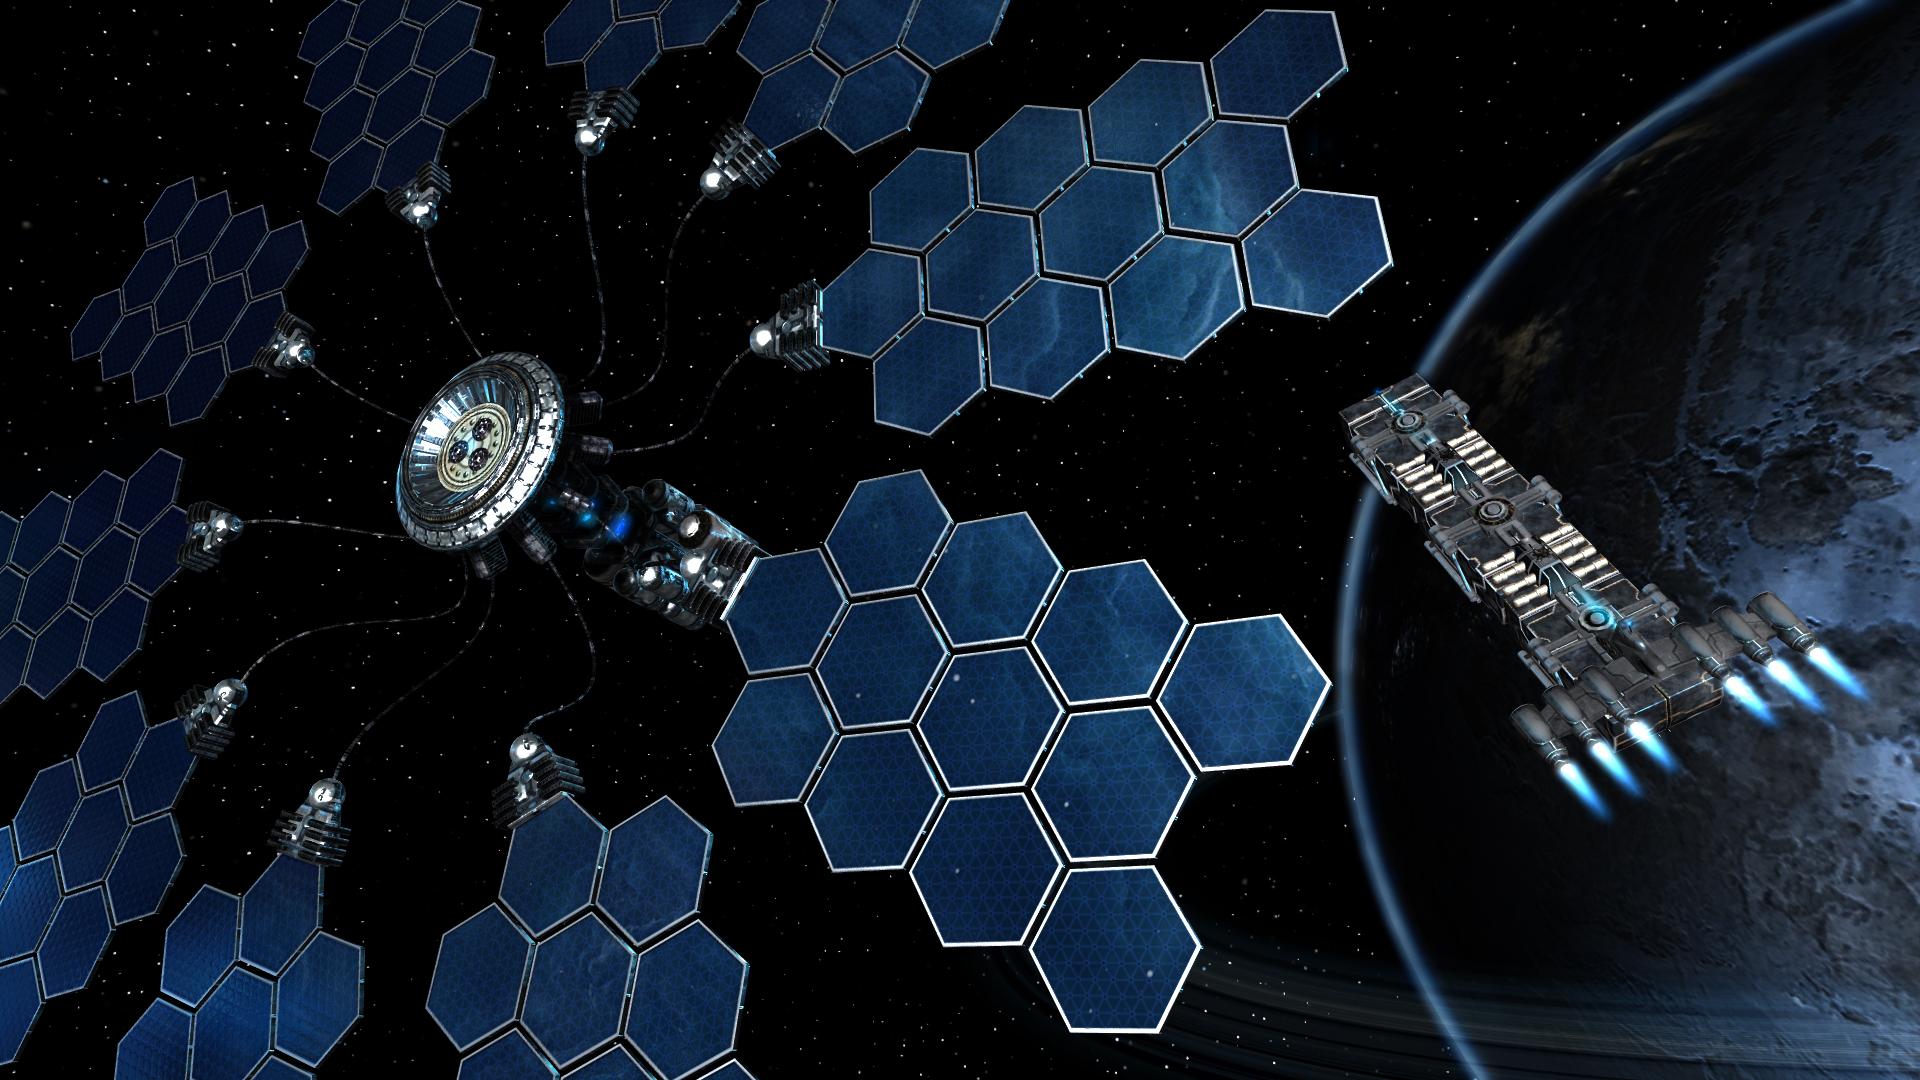 Starpoint-Gemini-2-Features